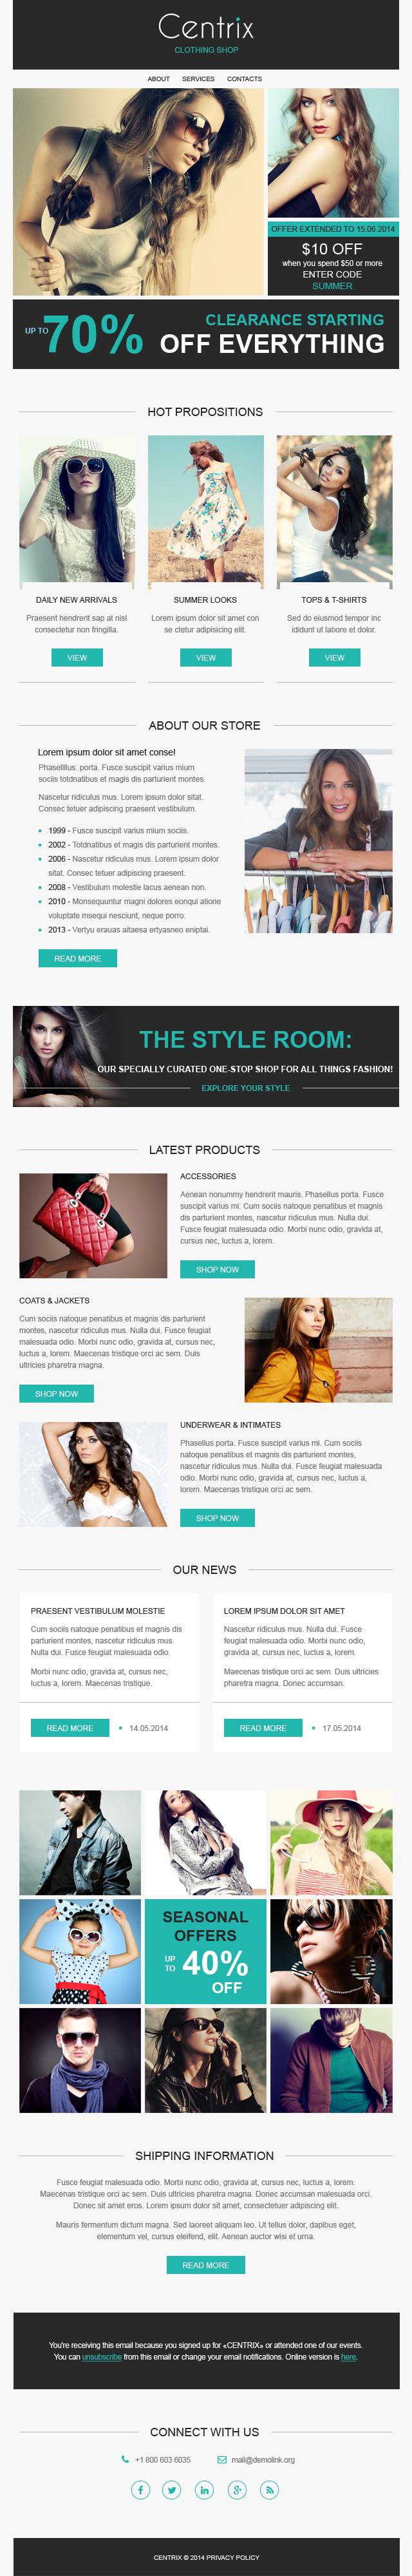 Responsive Nieuwsbrief Template over Modewinkel №50929